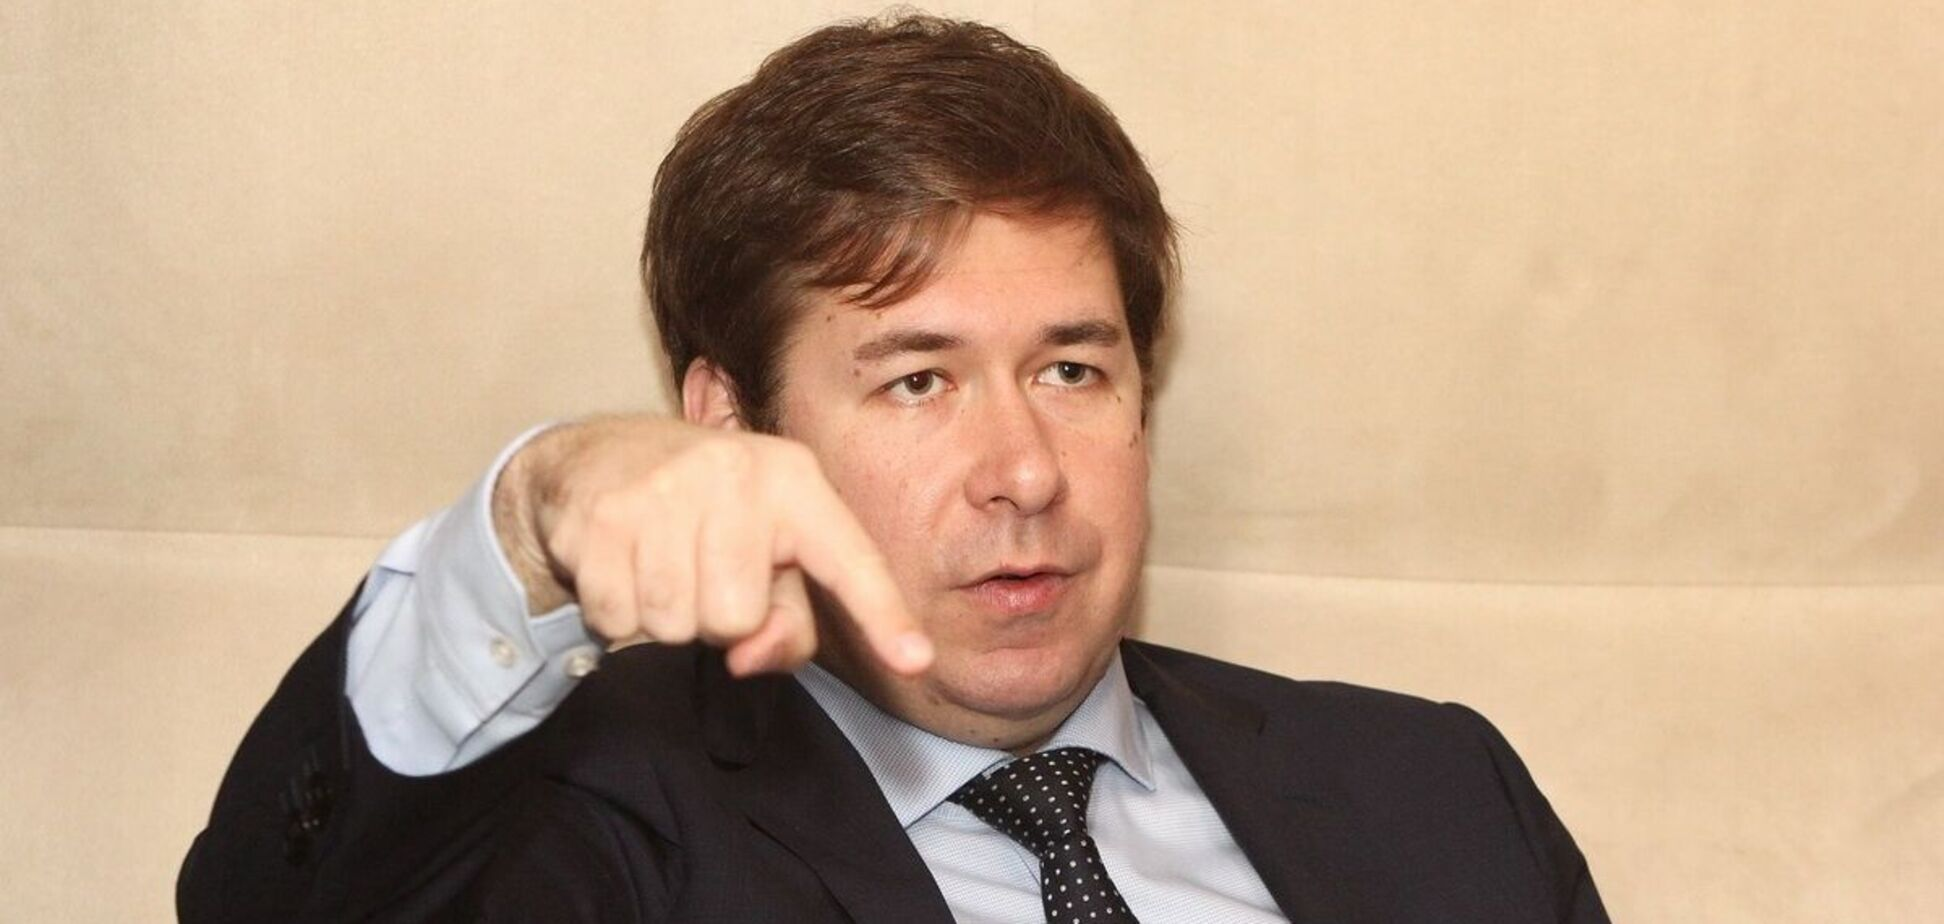 Справу, сфабриковану проти Порошенка, тримають в запасі, щоб заглушити чергові промахи влади – адвокат Новіков